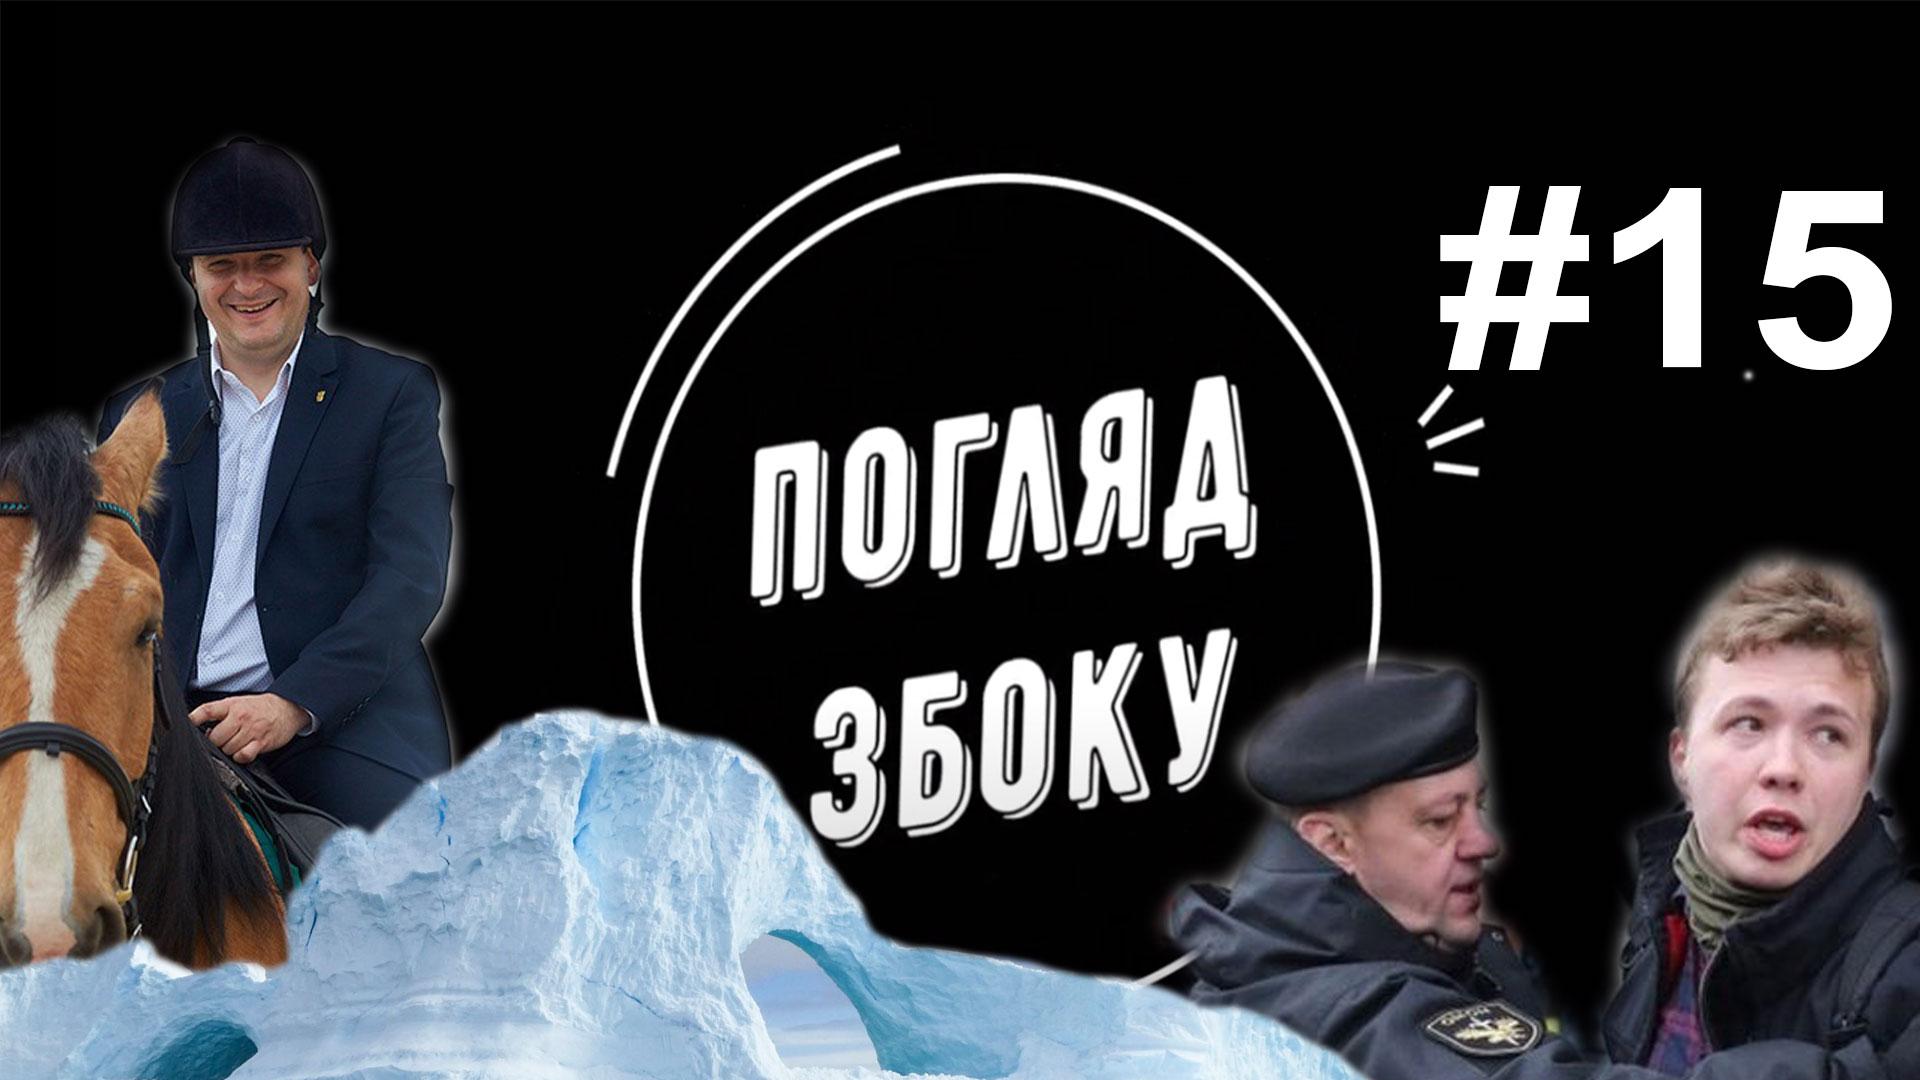 Марцінків з'єднує бульвари. Лукашенко захоплює літаки. Зеленський втомився. Маск летить на Марс